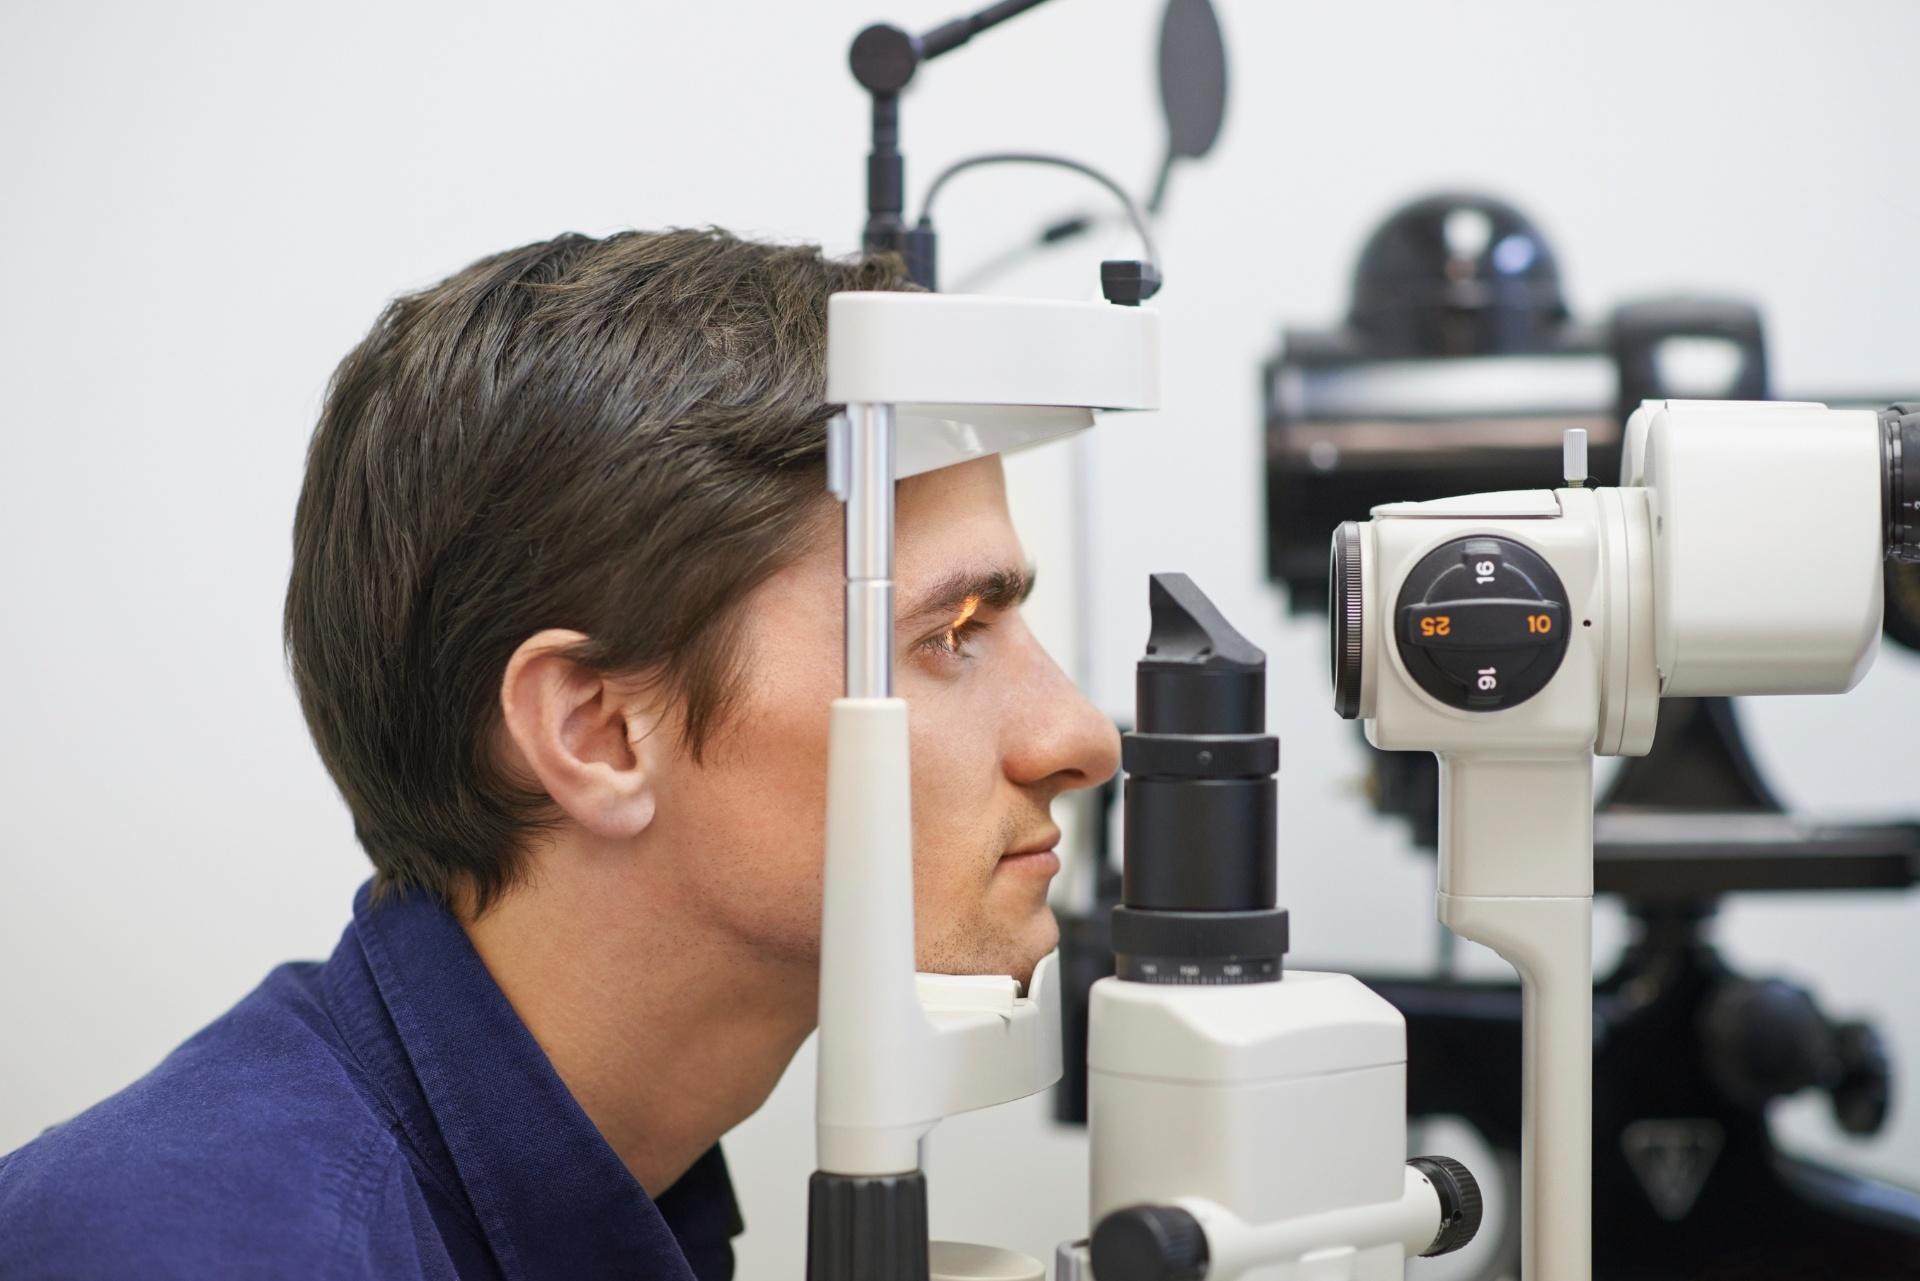 Exame de vista poderia prever o Alzheimer, aponta estudo - 24 08 2018 - UOL  Notícias 8d3f0f14c5